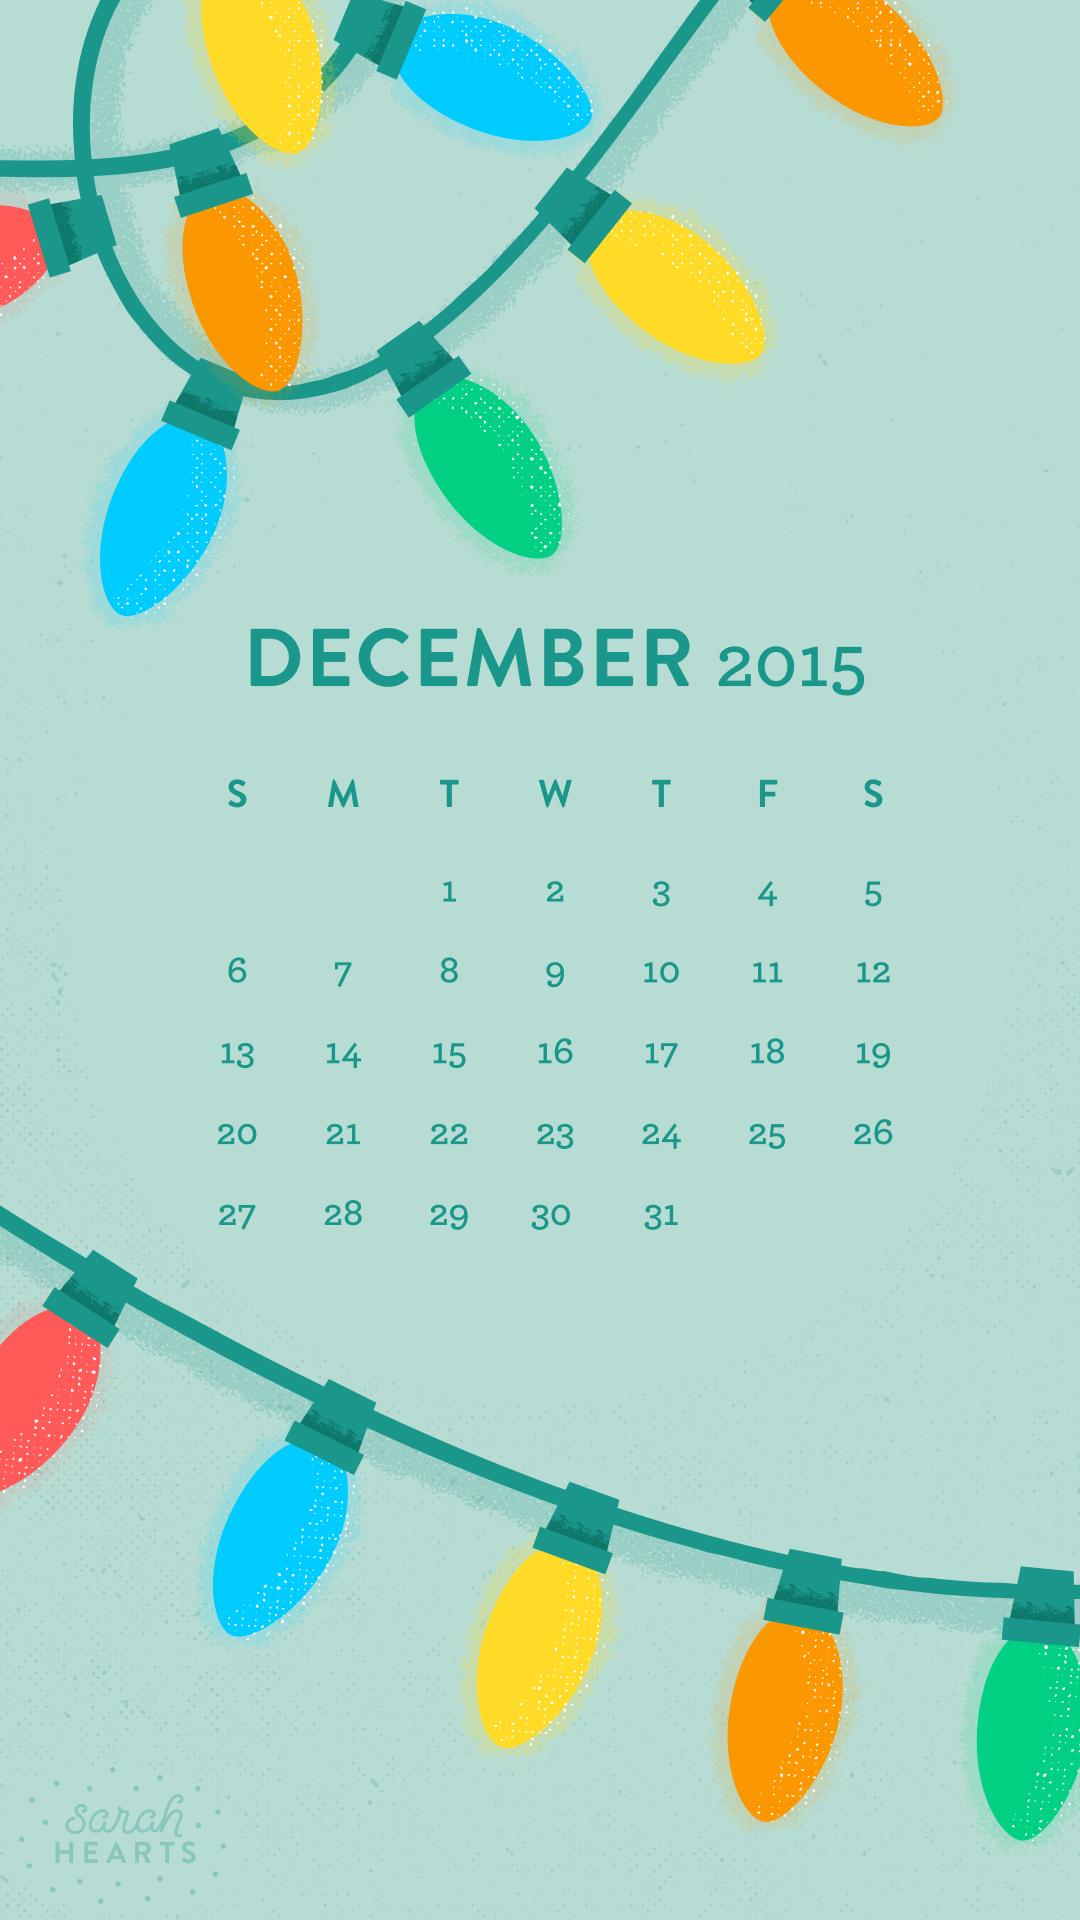 Iphone wallpaper the dress decoded - December2015 Calendar Iphone